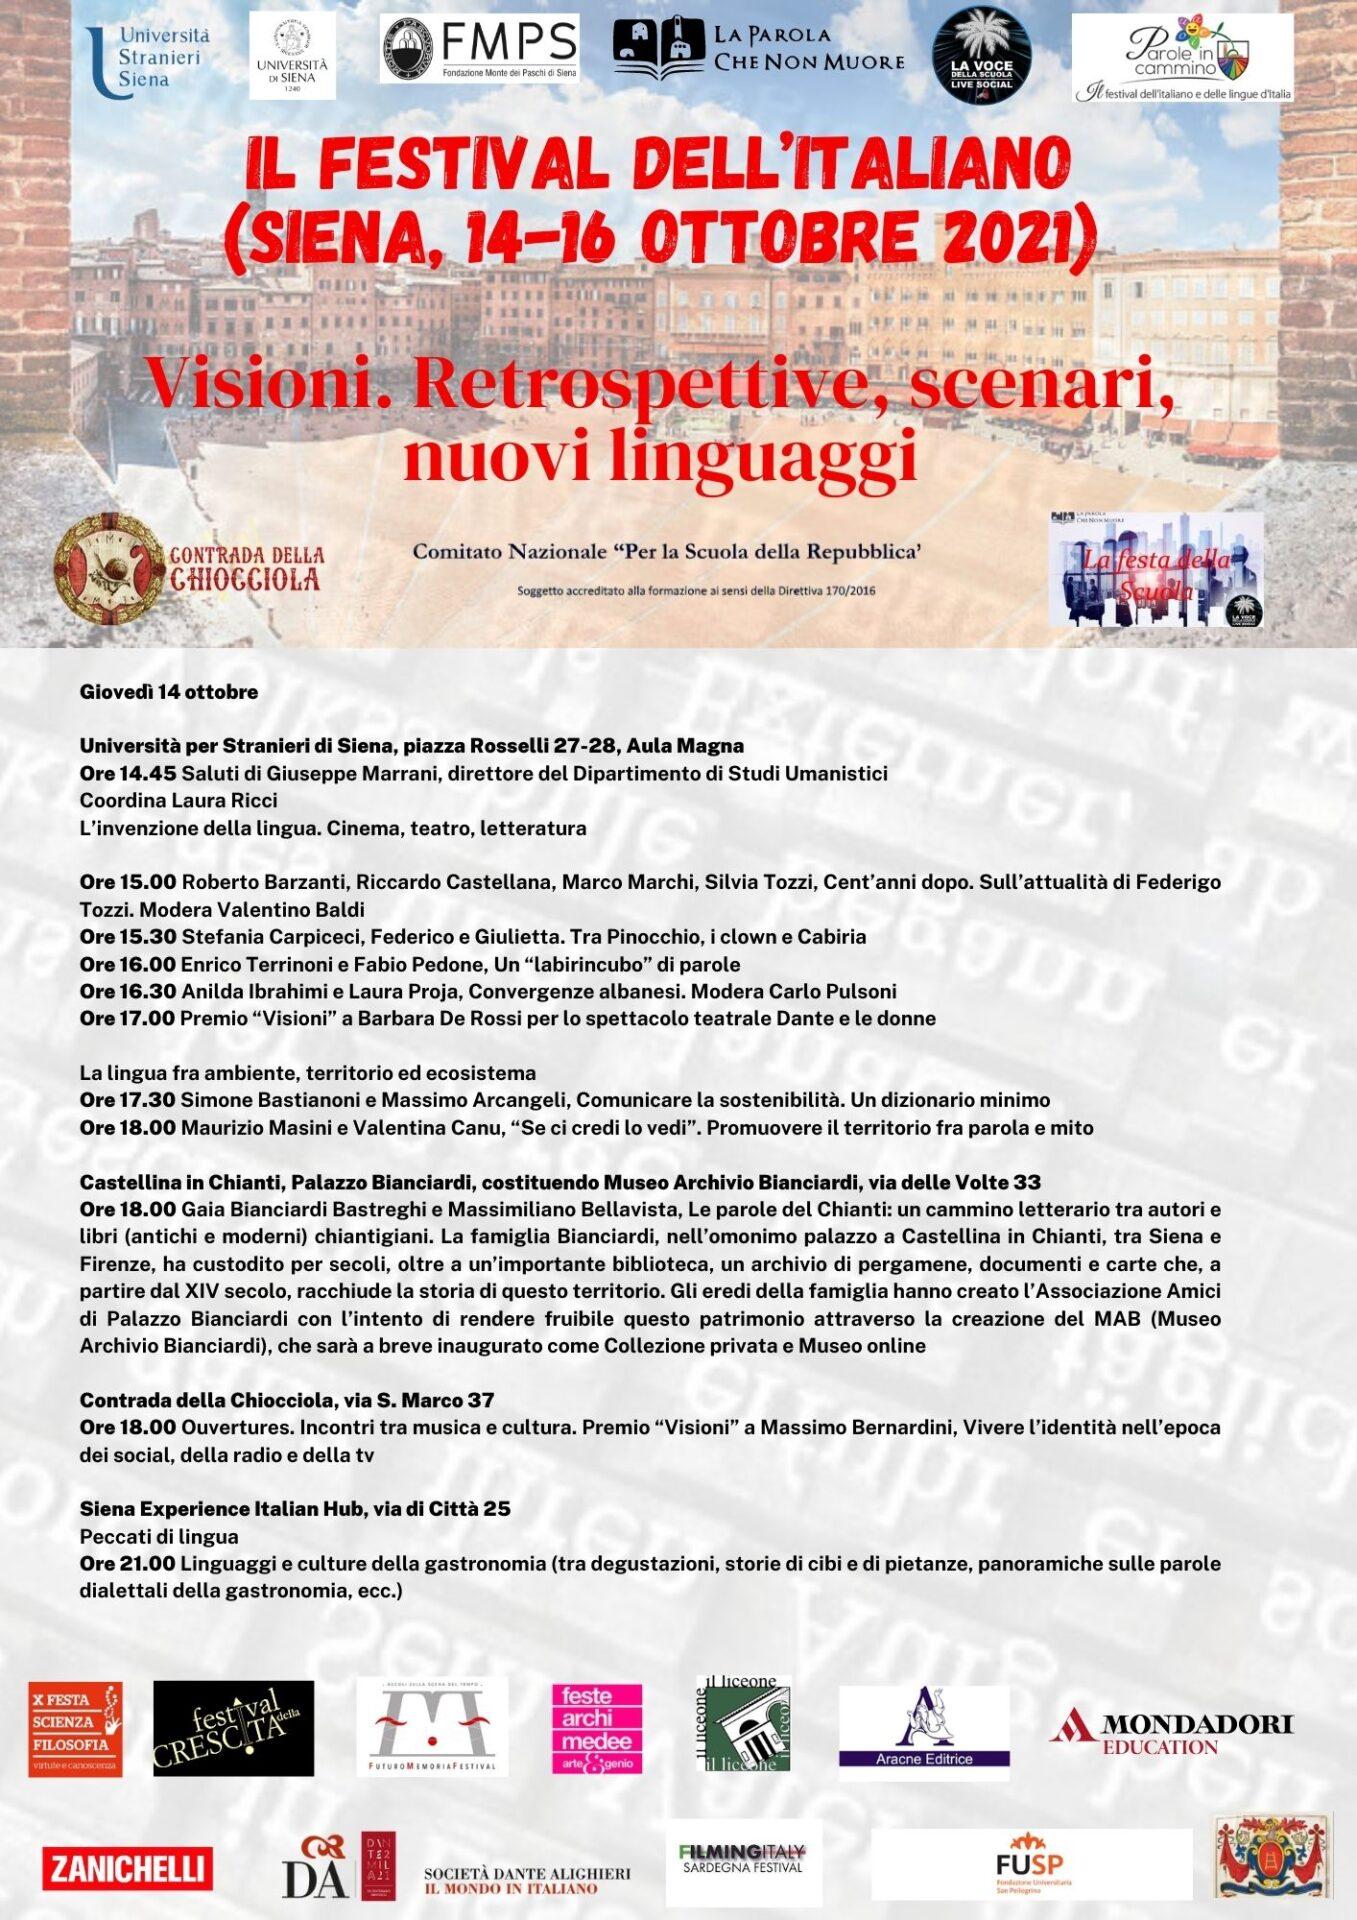 Il festival dell'italiano (Siena, 14-16 ottobre 2021) 1